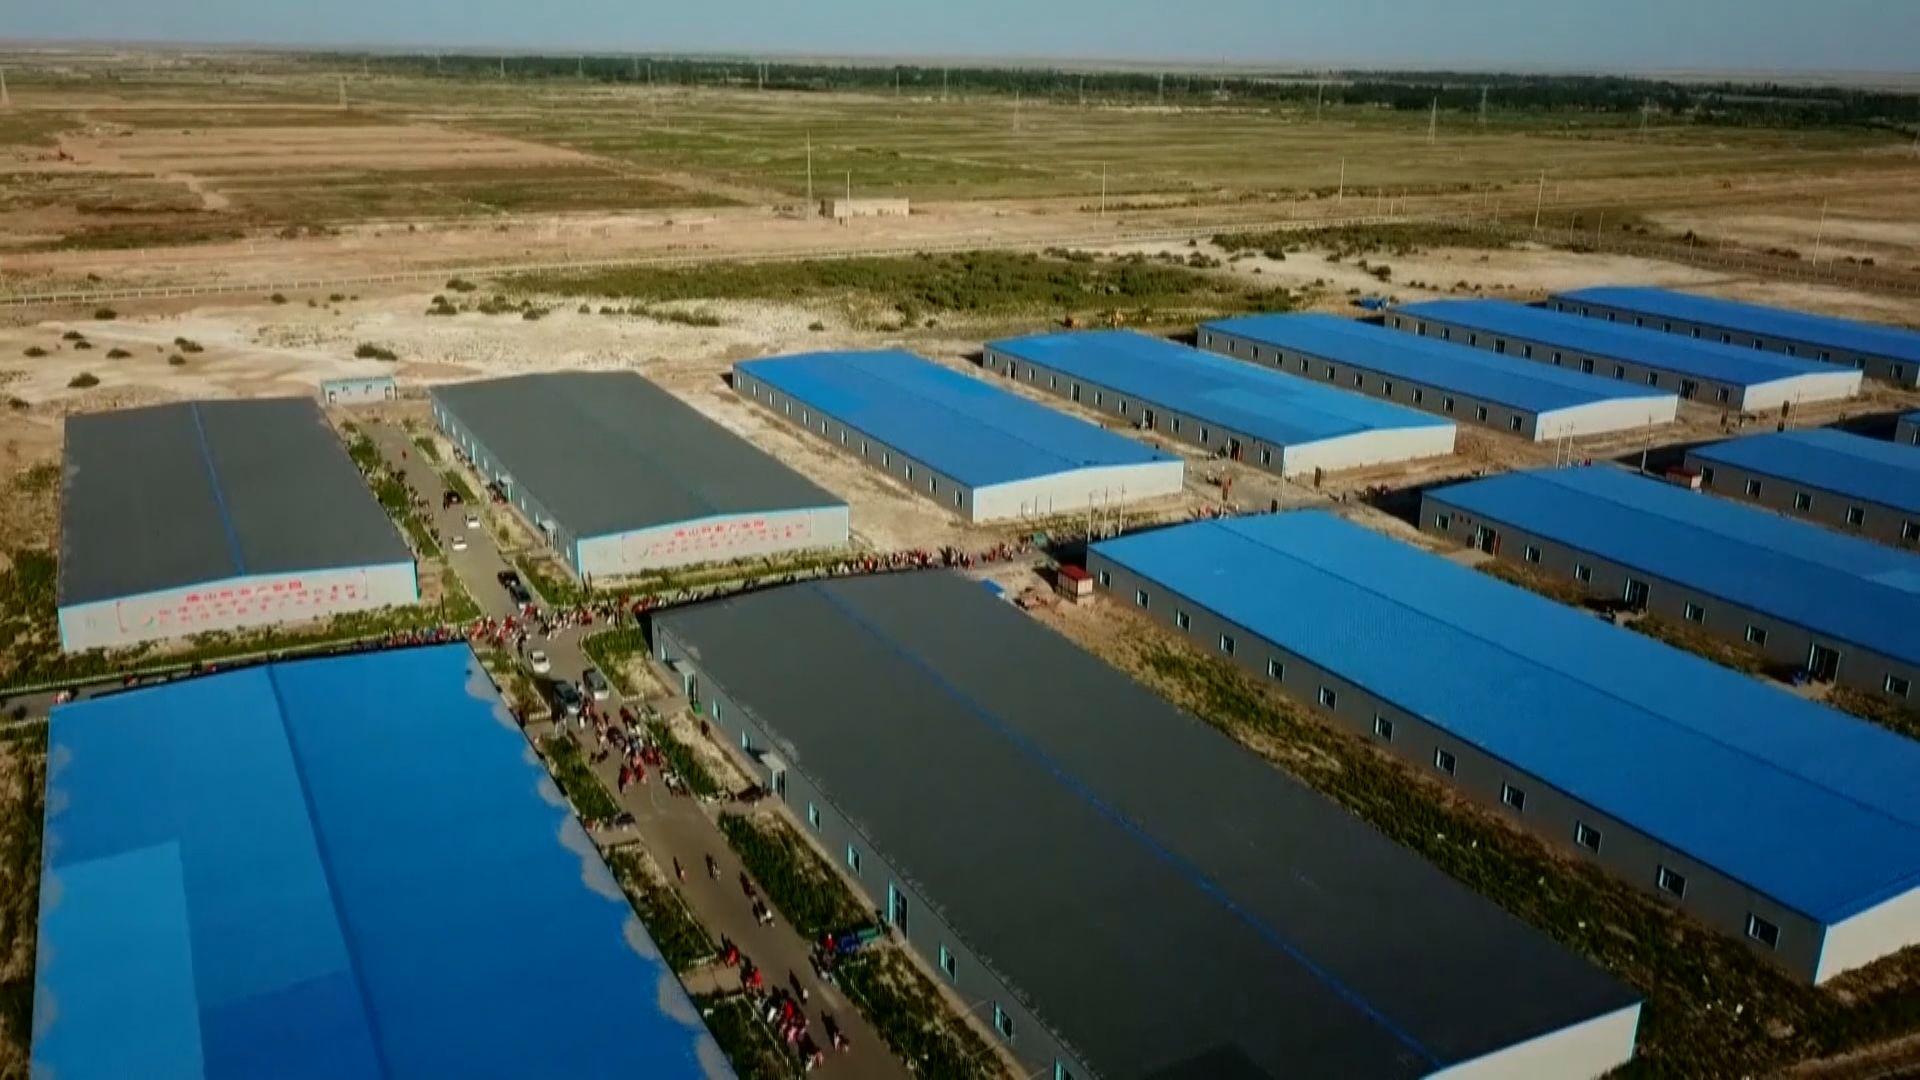 北京施壓加強管控新疆再教育營資訊